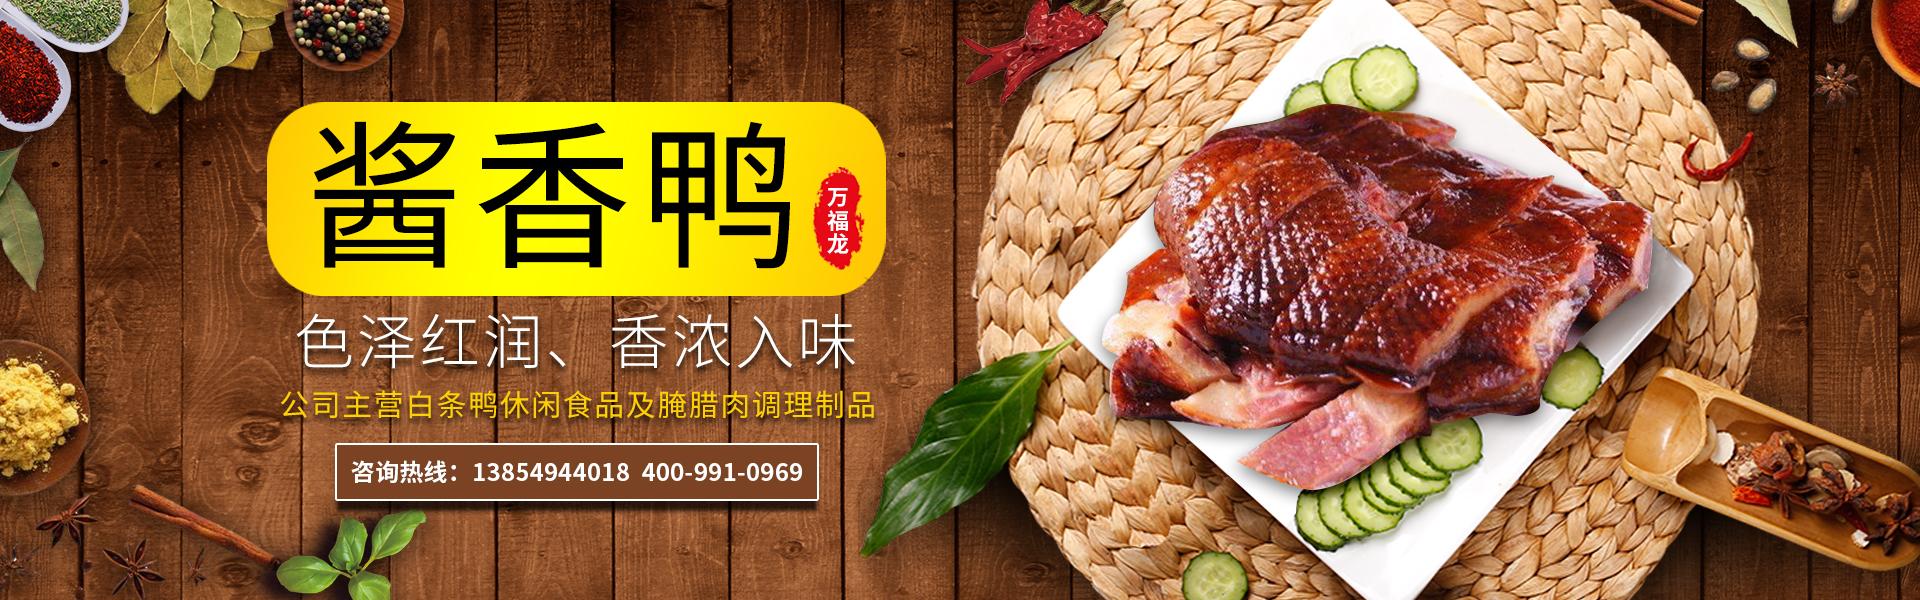 烧鸡厂家,烤鸭批发,白条鸭,腊肉腊肠厂家